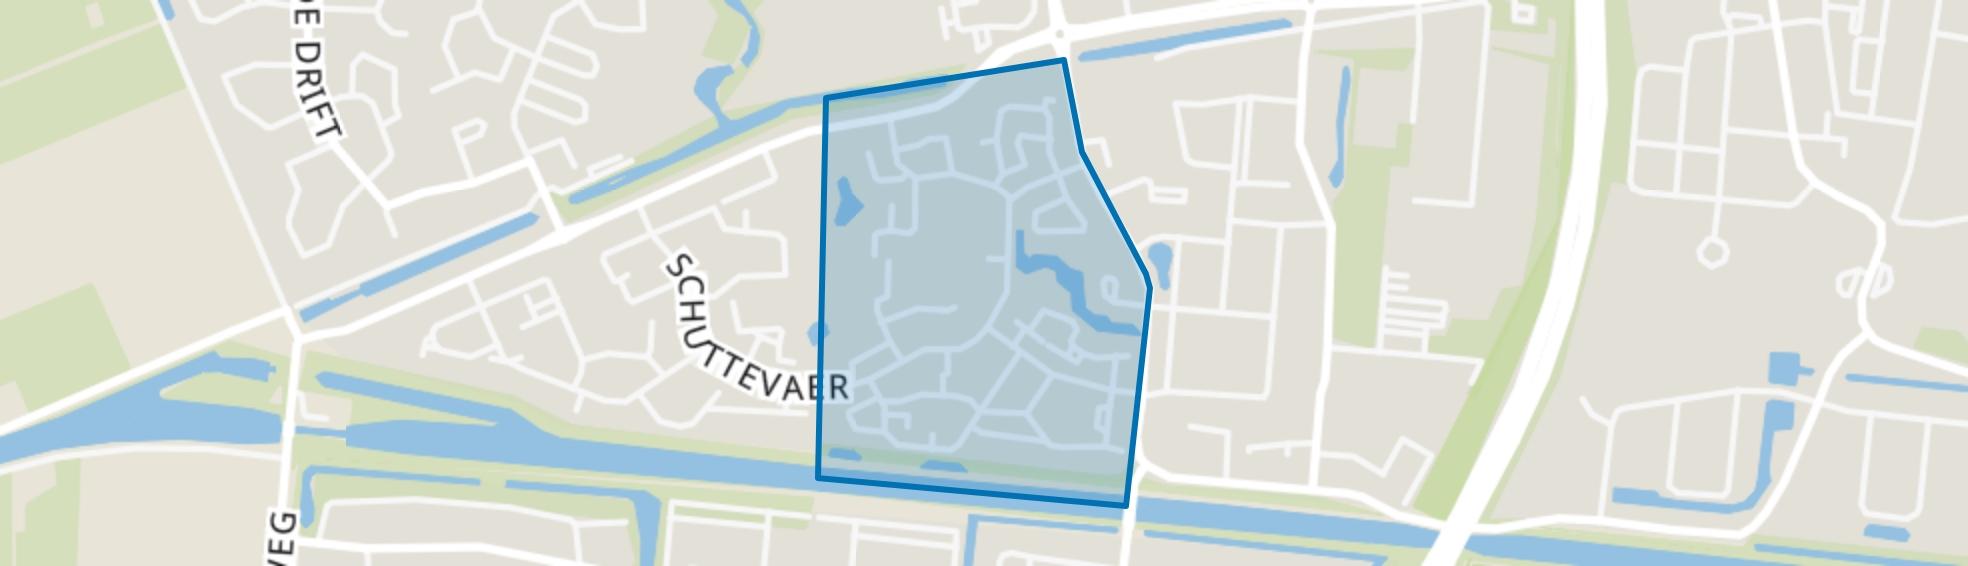 Schutlanden-West, Hoogeveen map